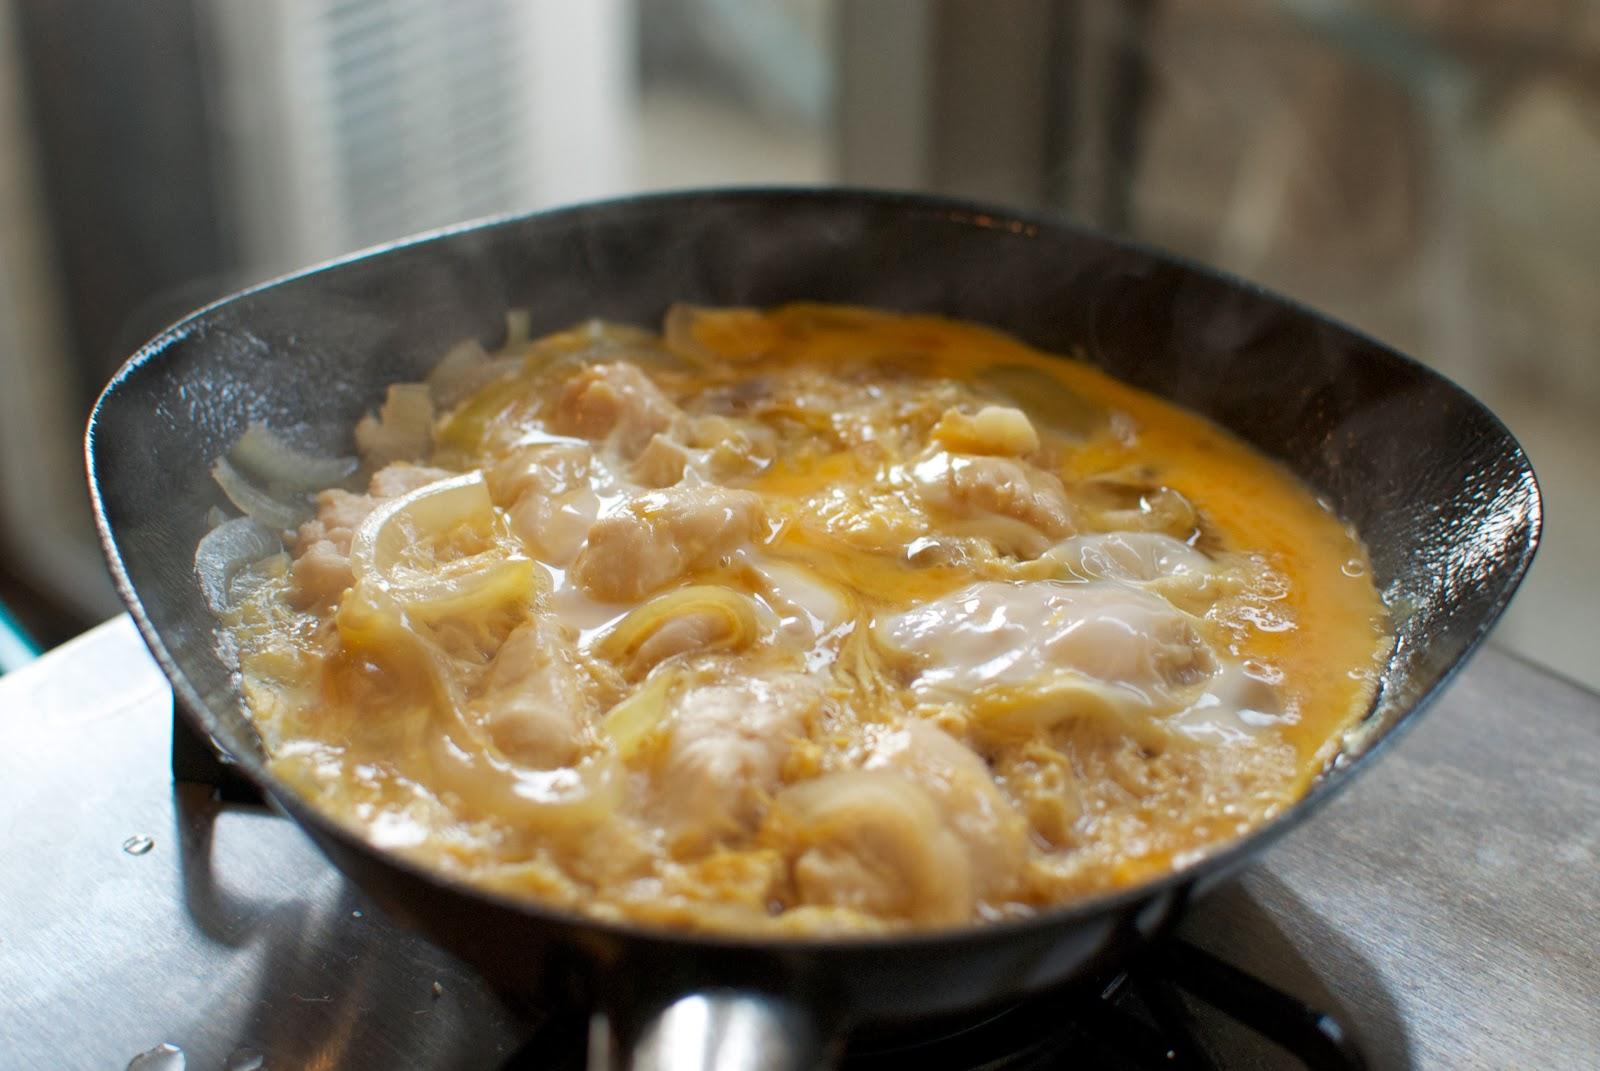 柳総理のフライパンで調理した親子丼